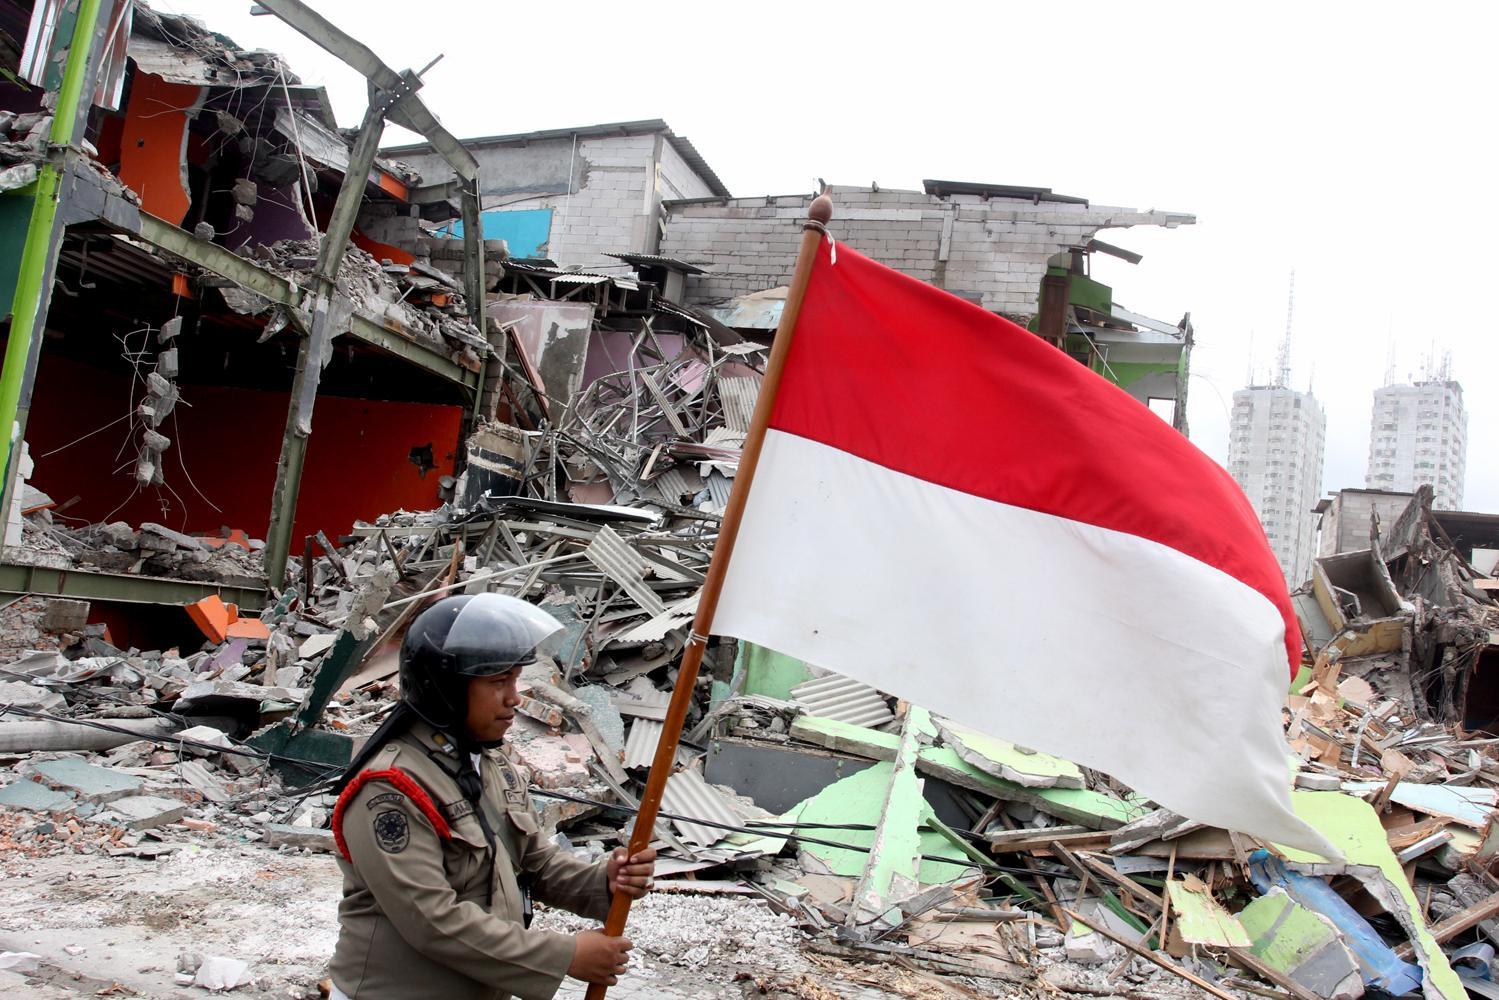 Petugas Satpol PP memindahkan bendera merah putih milik warga di kawasan Kalijodo, saat penataan bangunan , Jakarta, Senin (29/2). Pemprov DKI Jakarta membongkar ratusan bangunan di kawasan tersebut untuk dijadikan Ruang Terbuka Hijau (RTH).